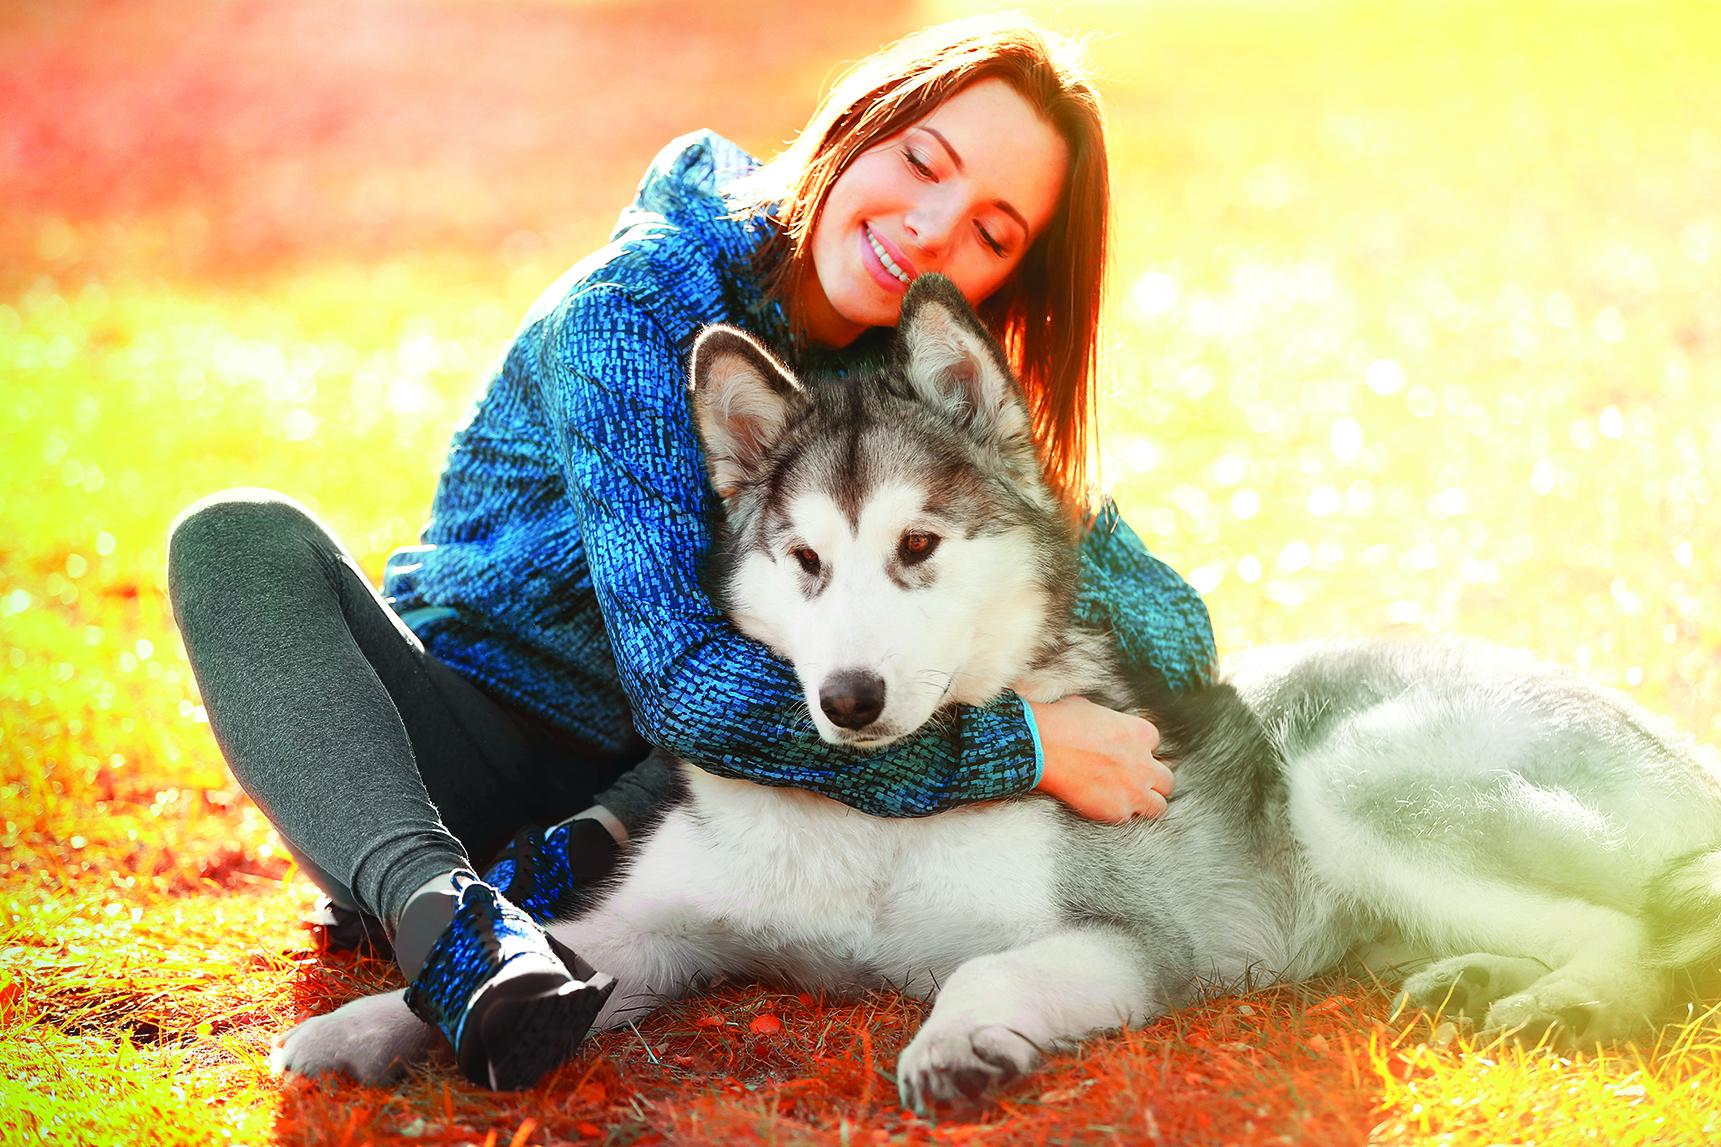 飼養阿拉斯加雪橇犬的飼主通常須花大量時間來滿足它們對運動的渴望。